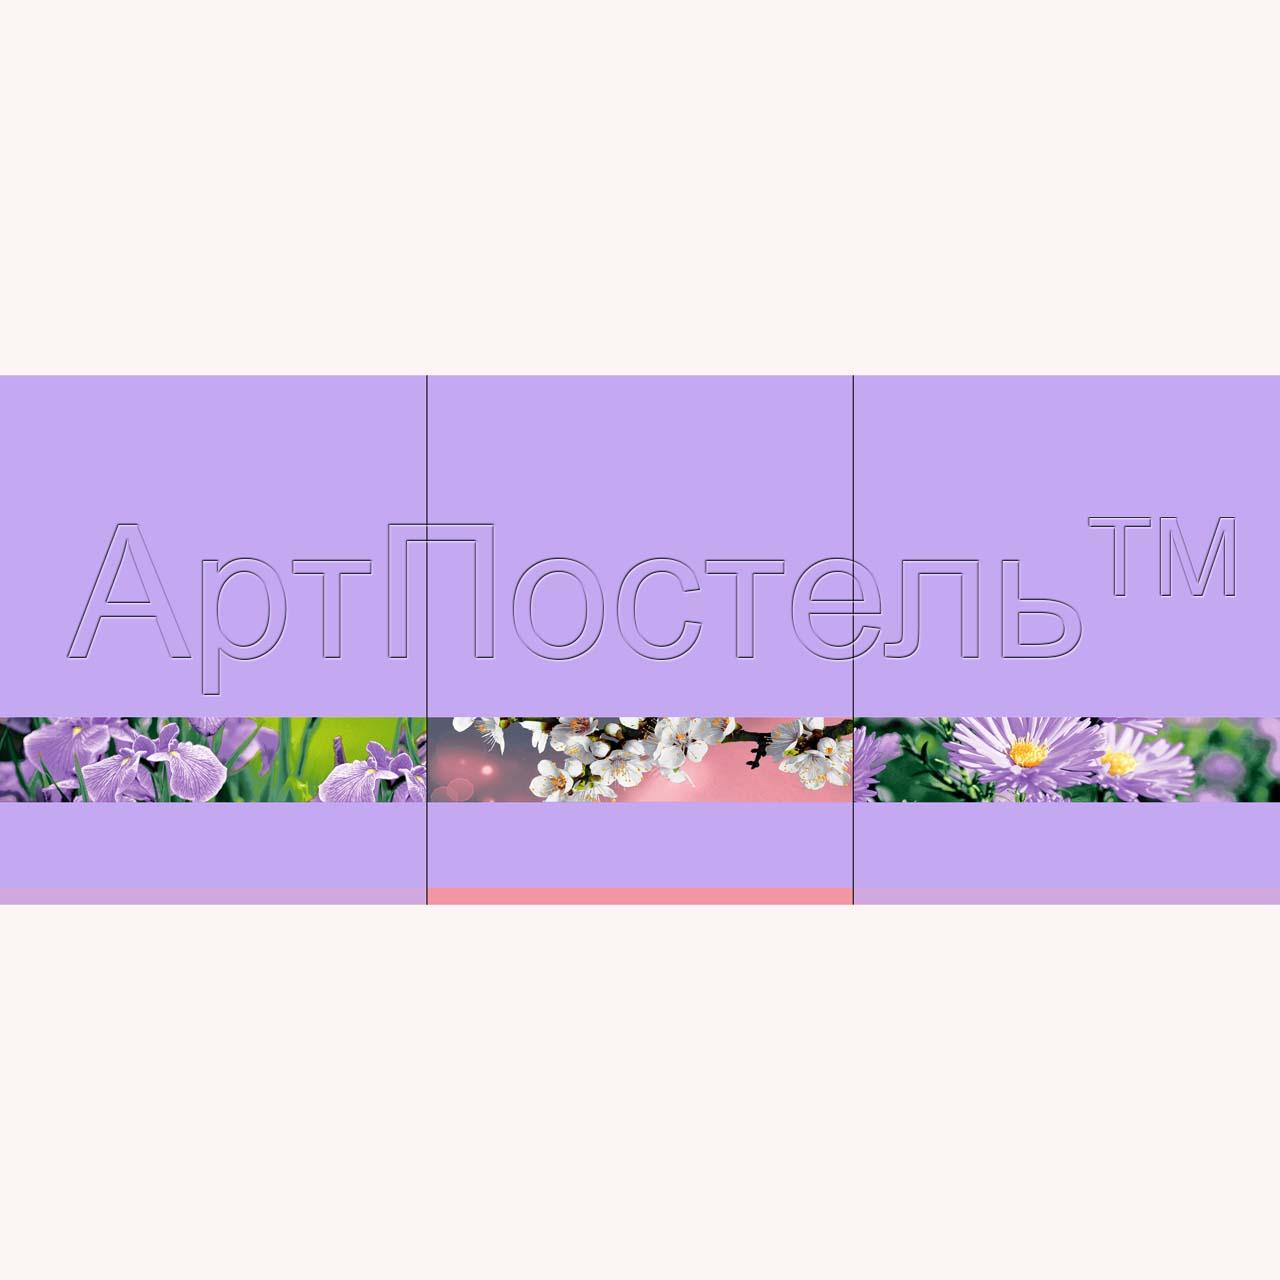 Набор полотенец Цветочная палитра Фиолетовый р. 45х60Вафельные полотенца<br>Плотность:160 г/кв. м<br><br>Тип: Набор полотенец<br>Размер: 45х60<br>Материал: Вафельное полотно